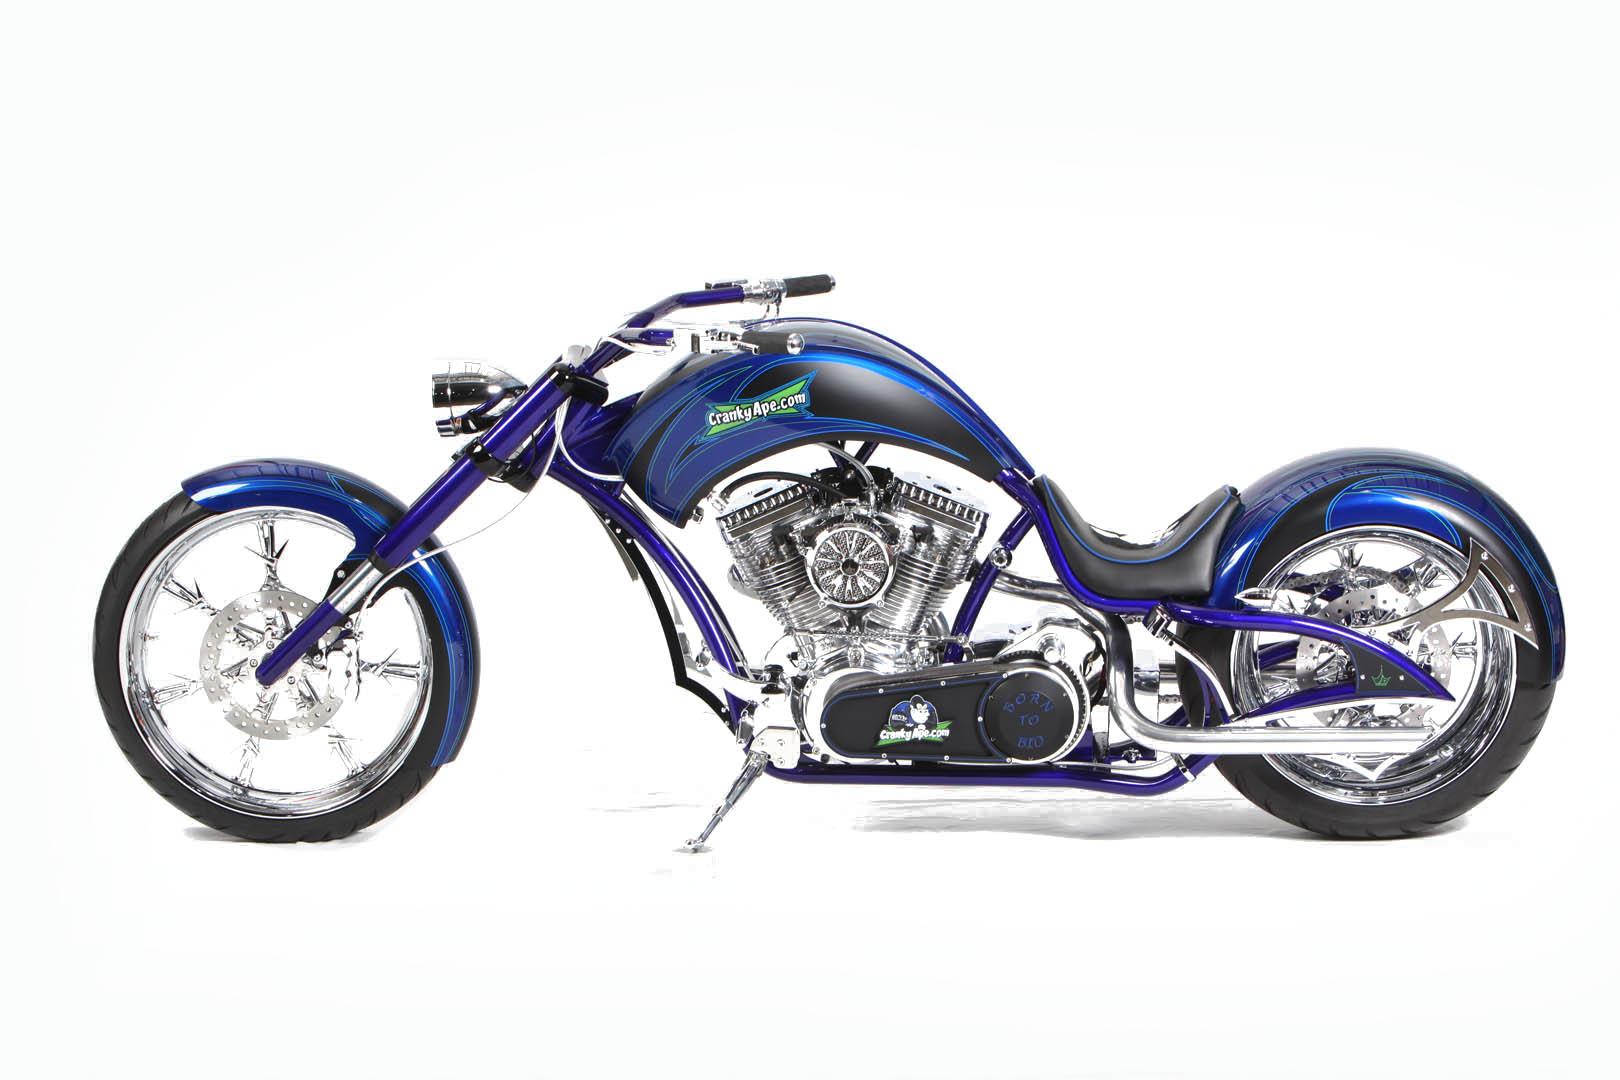 paul-jr-designs-crankyape-bike-122